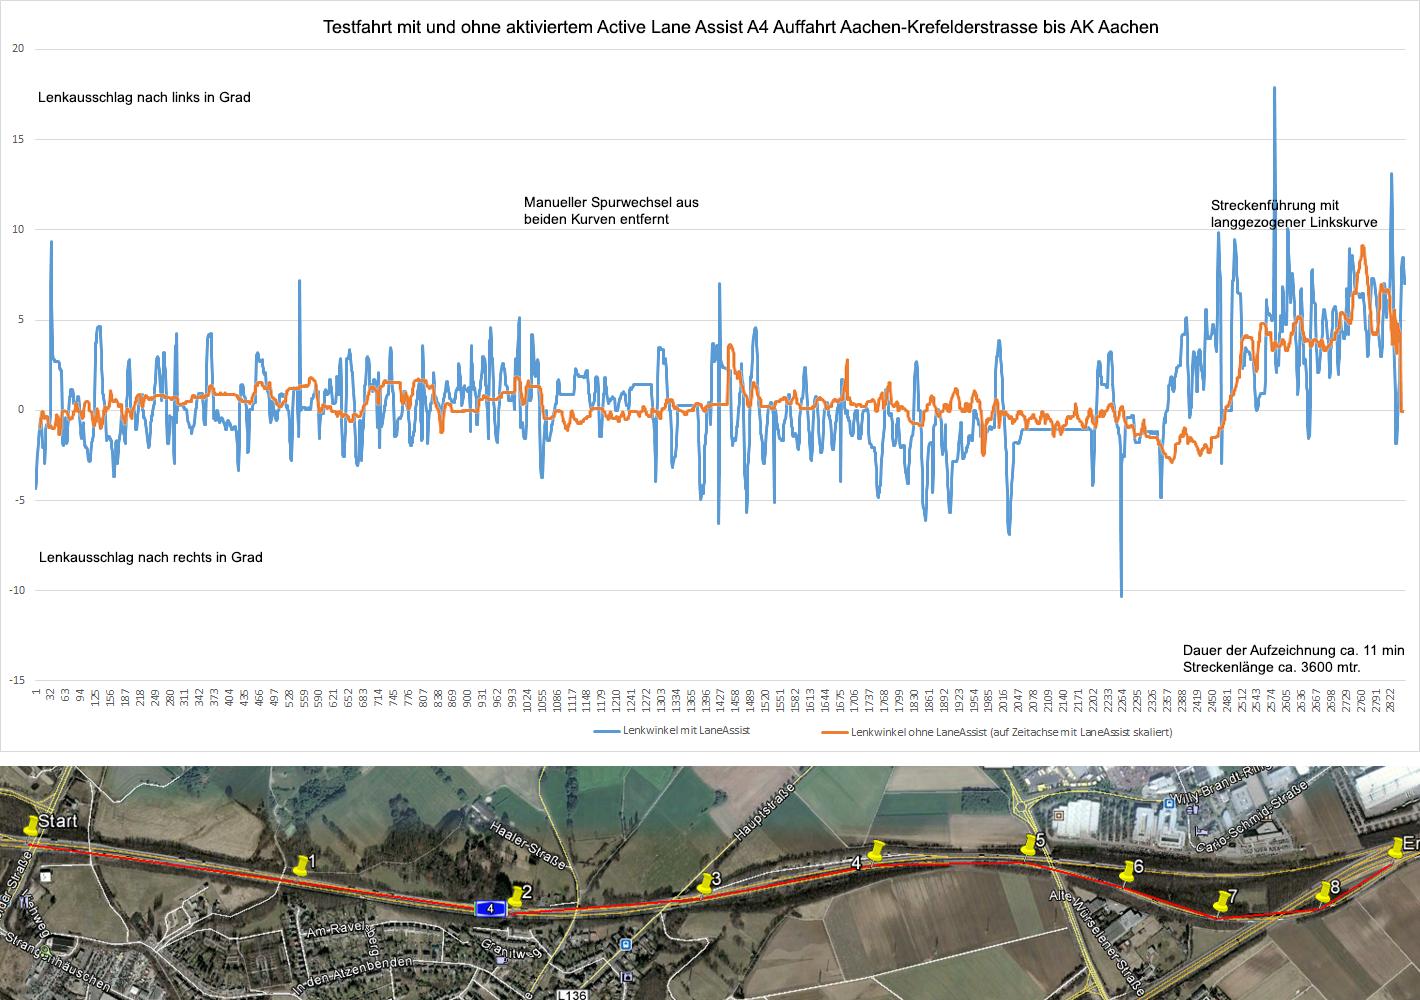 f353399ccb Warum sich automatisiertes Fahren nicht durchsetzen wird und warum  Elektroautos quatsch sind